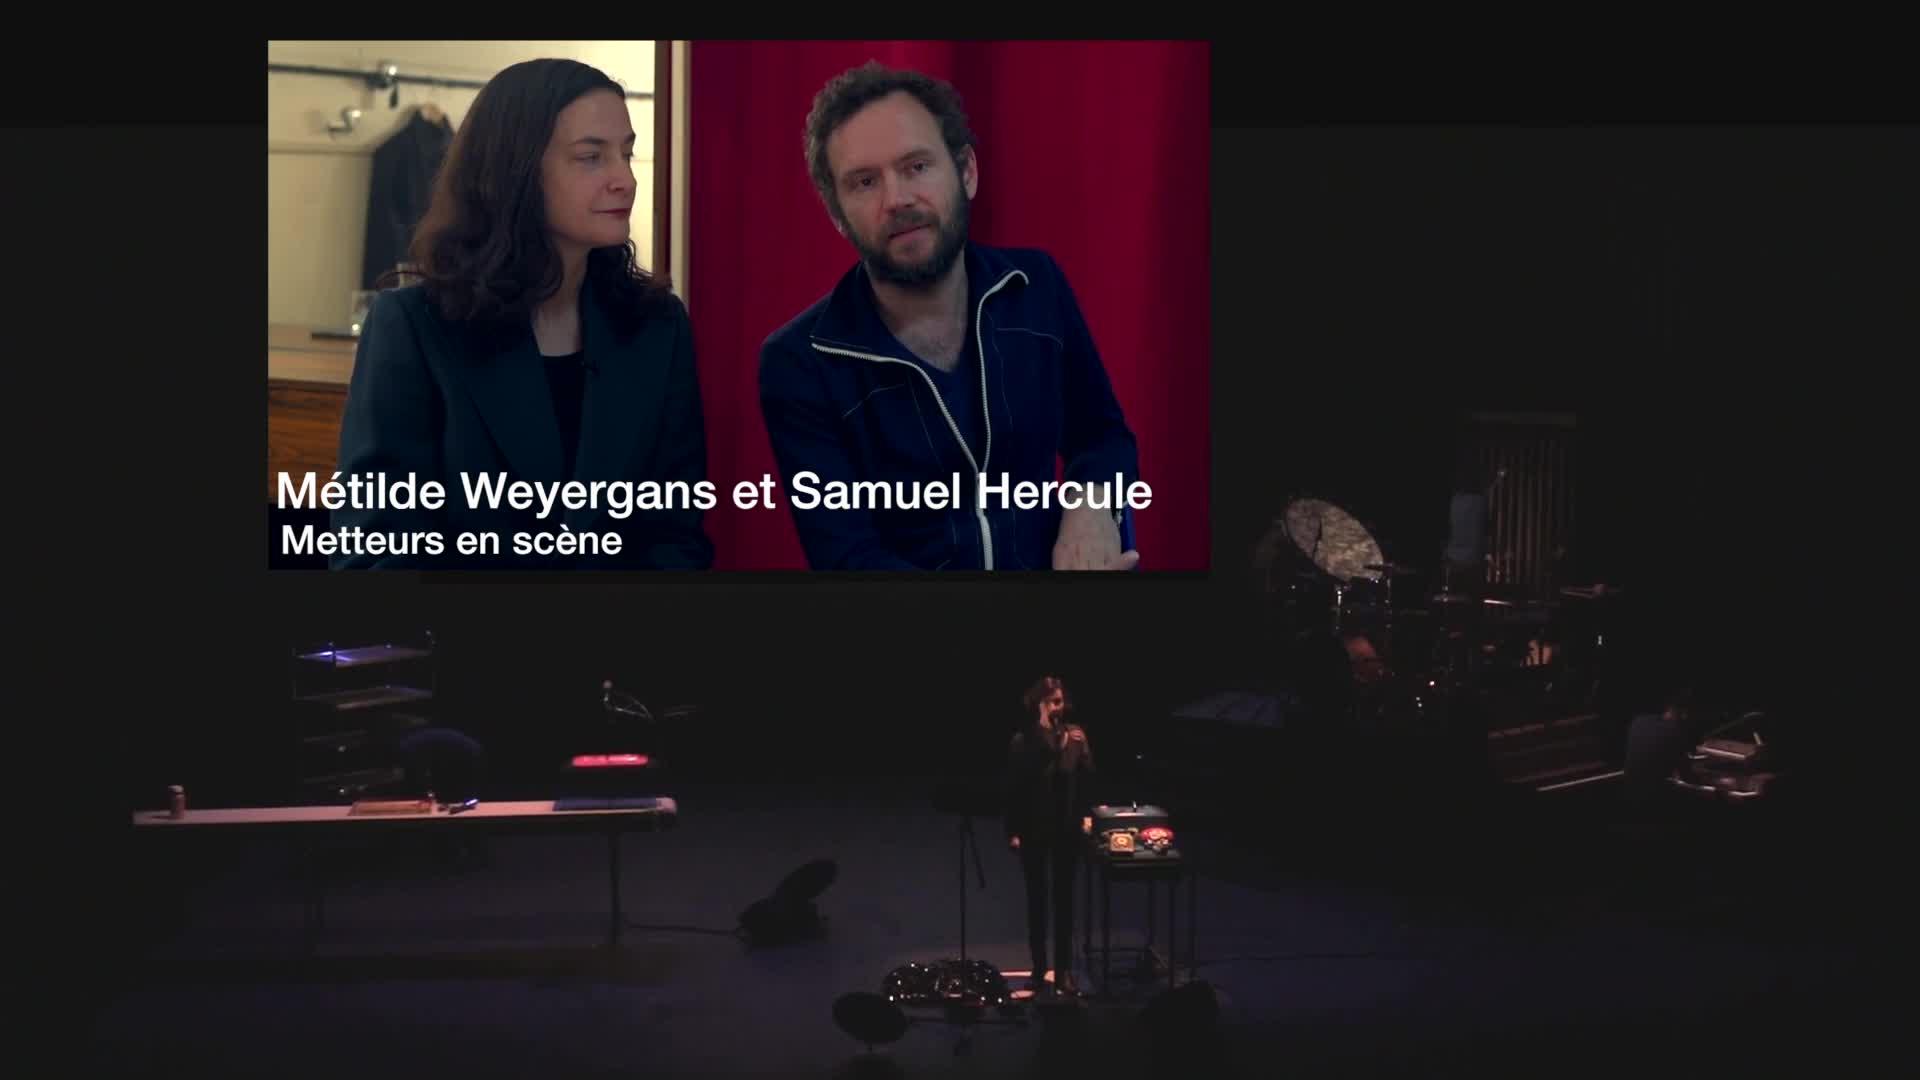 """Vidéo """"Dans la peau de Don Quichotte"""" - Métilde Weyergans/Samuel Hercule - Teaser (2/2)"""